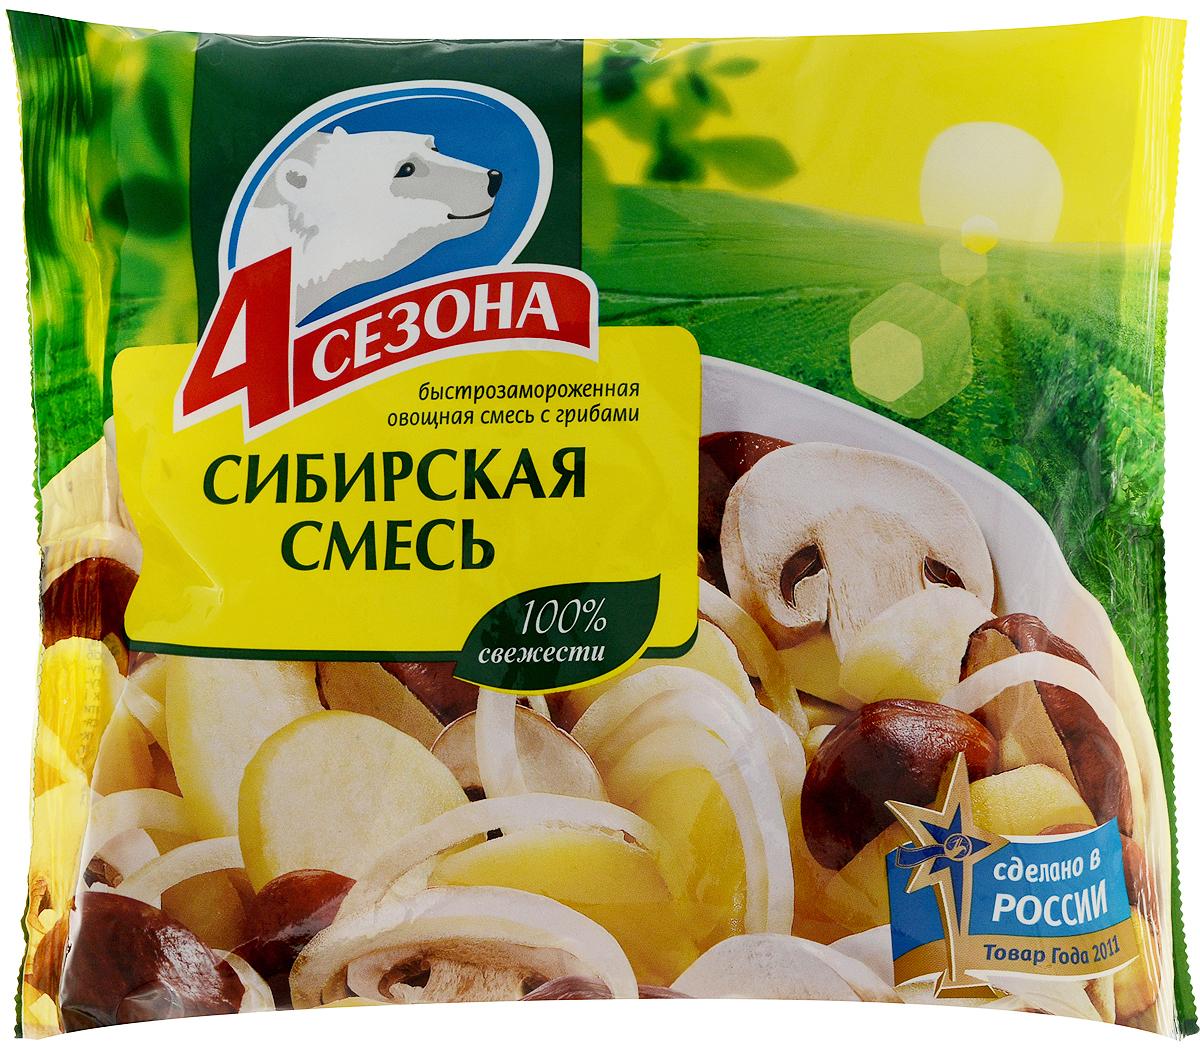 Фото - 4 Сезона Сибирская смесь, 400 г 4 сезона грибы с картошкой 400 г